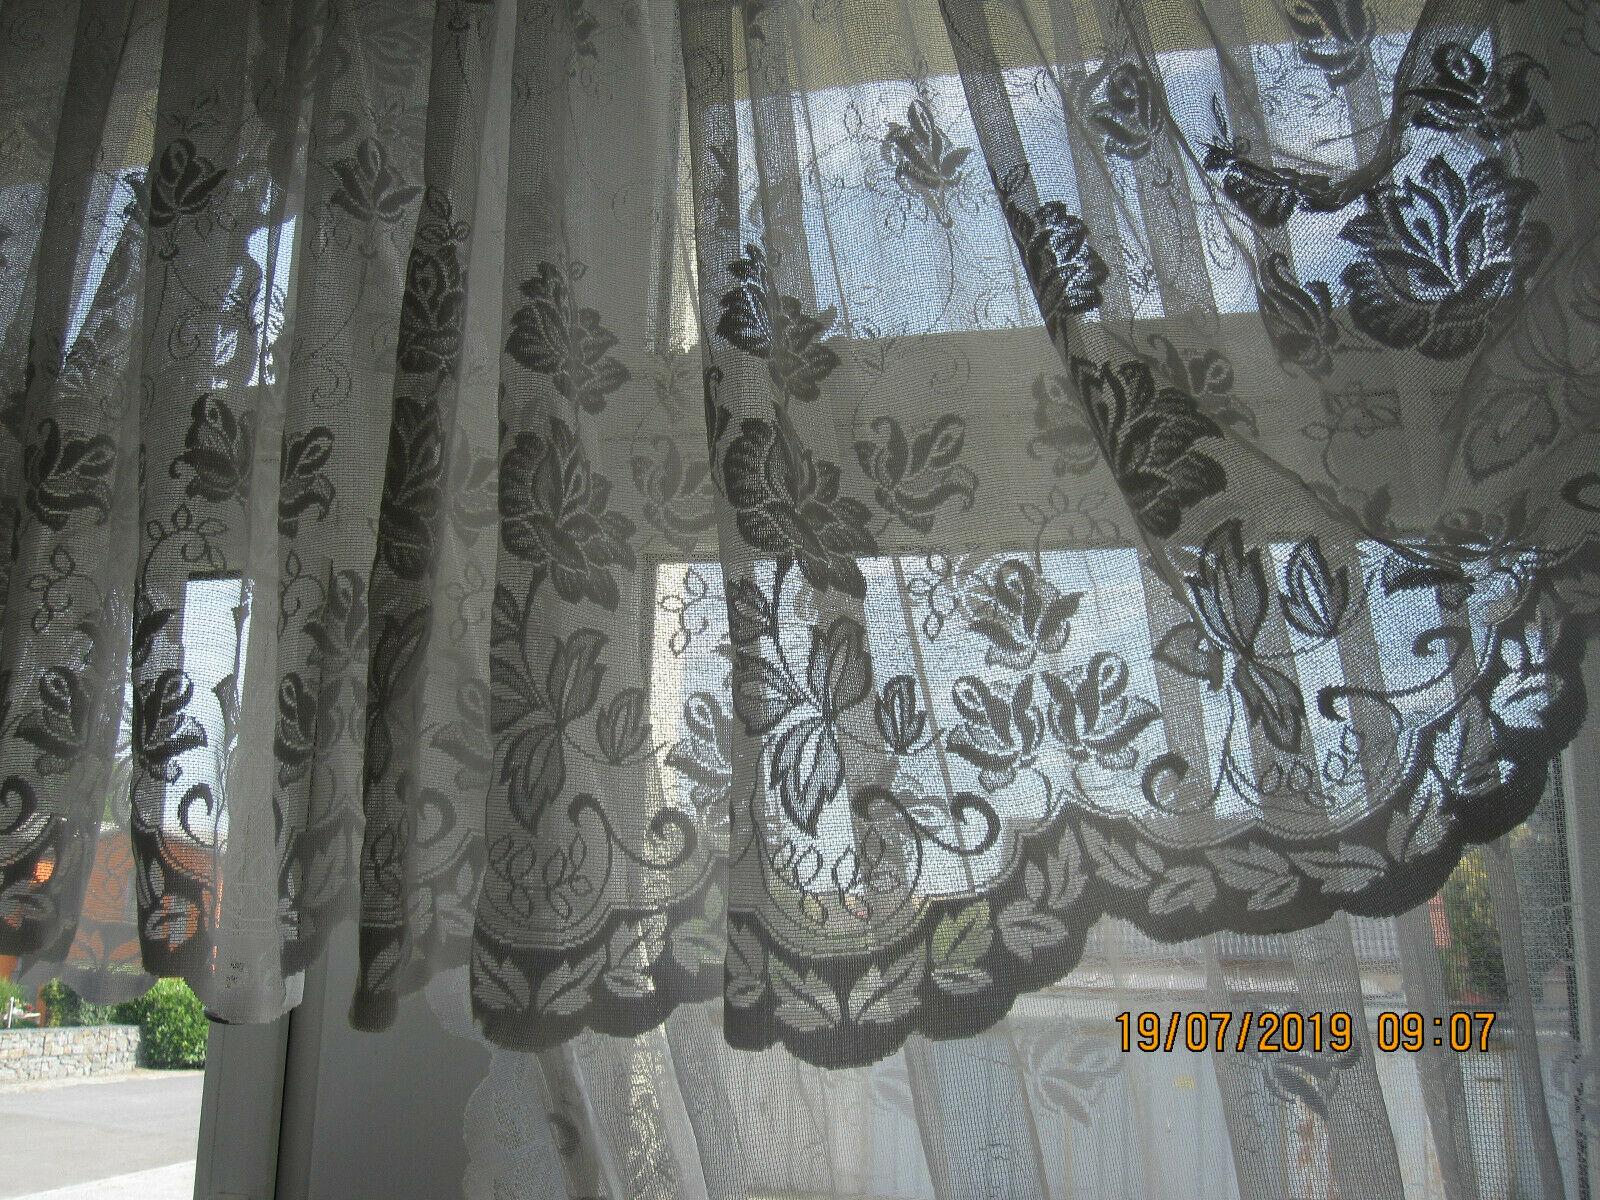 Full Size of Groe 3 Teilige Gardine Fr Ein Ca 2 Scheibengardinen Küche Fenster Gardinen Für Wohnzimmer Schlafzimmer Die Wohnzimmer Gardinen Doppelfenster